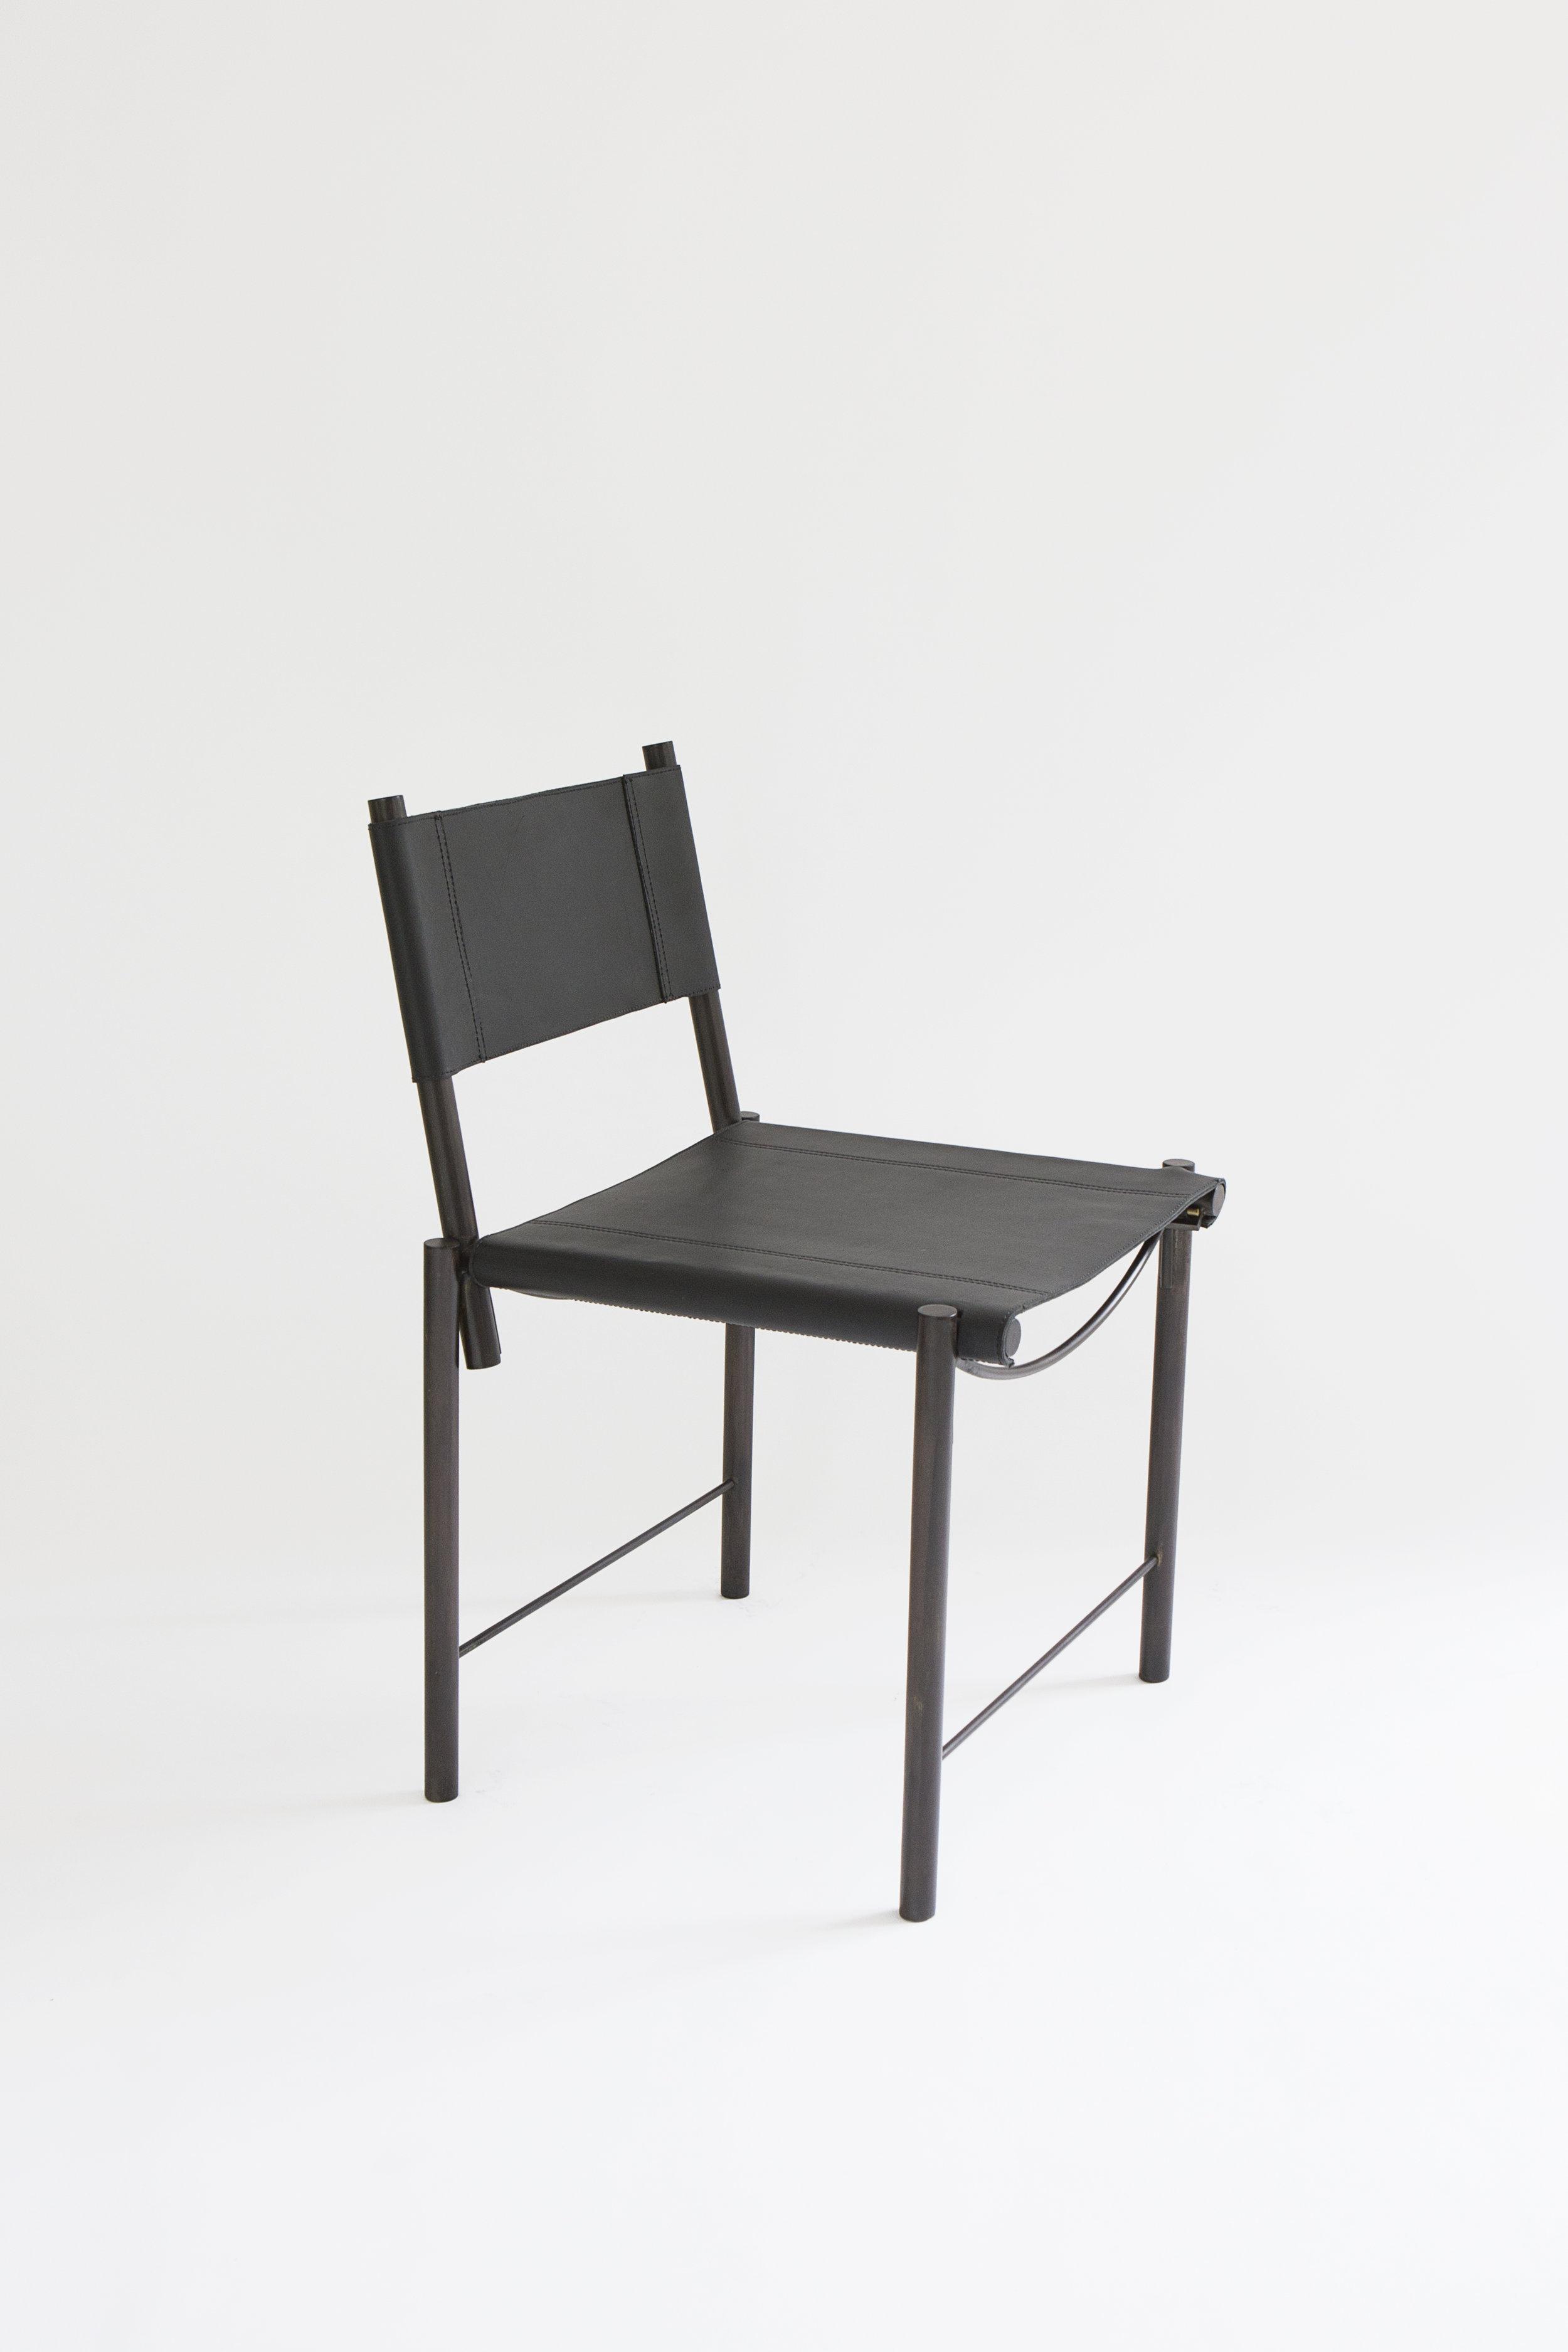 SKStudio_Chair_Black_Black_Ecomm_Side.jpg